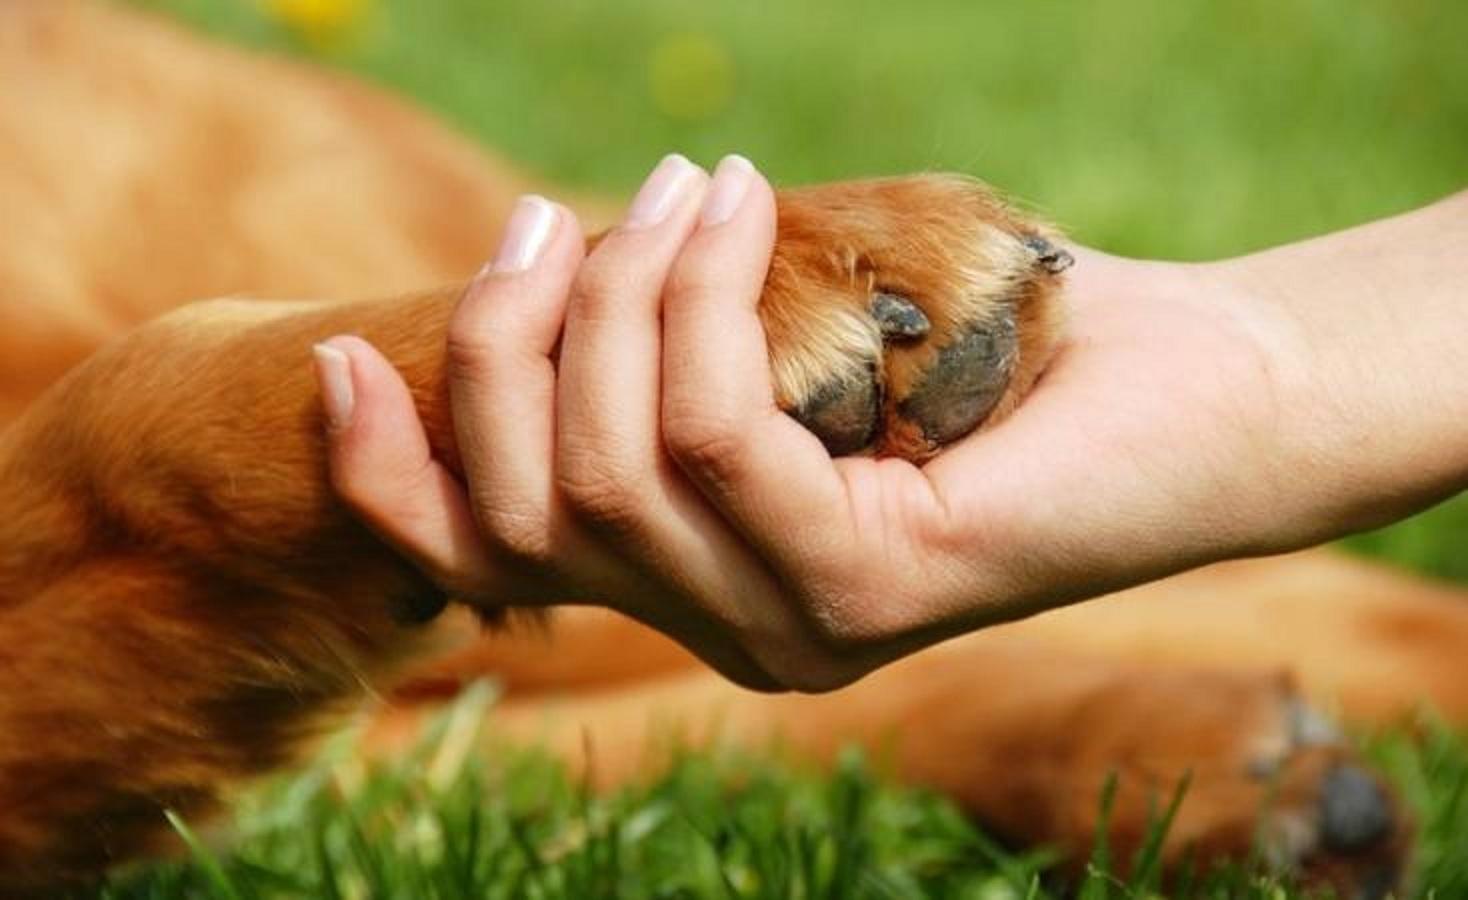 Тільки ми можемо допомогти тваринам, щоб у них були права.